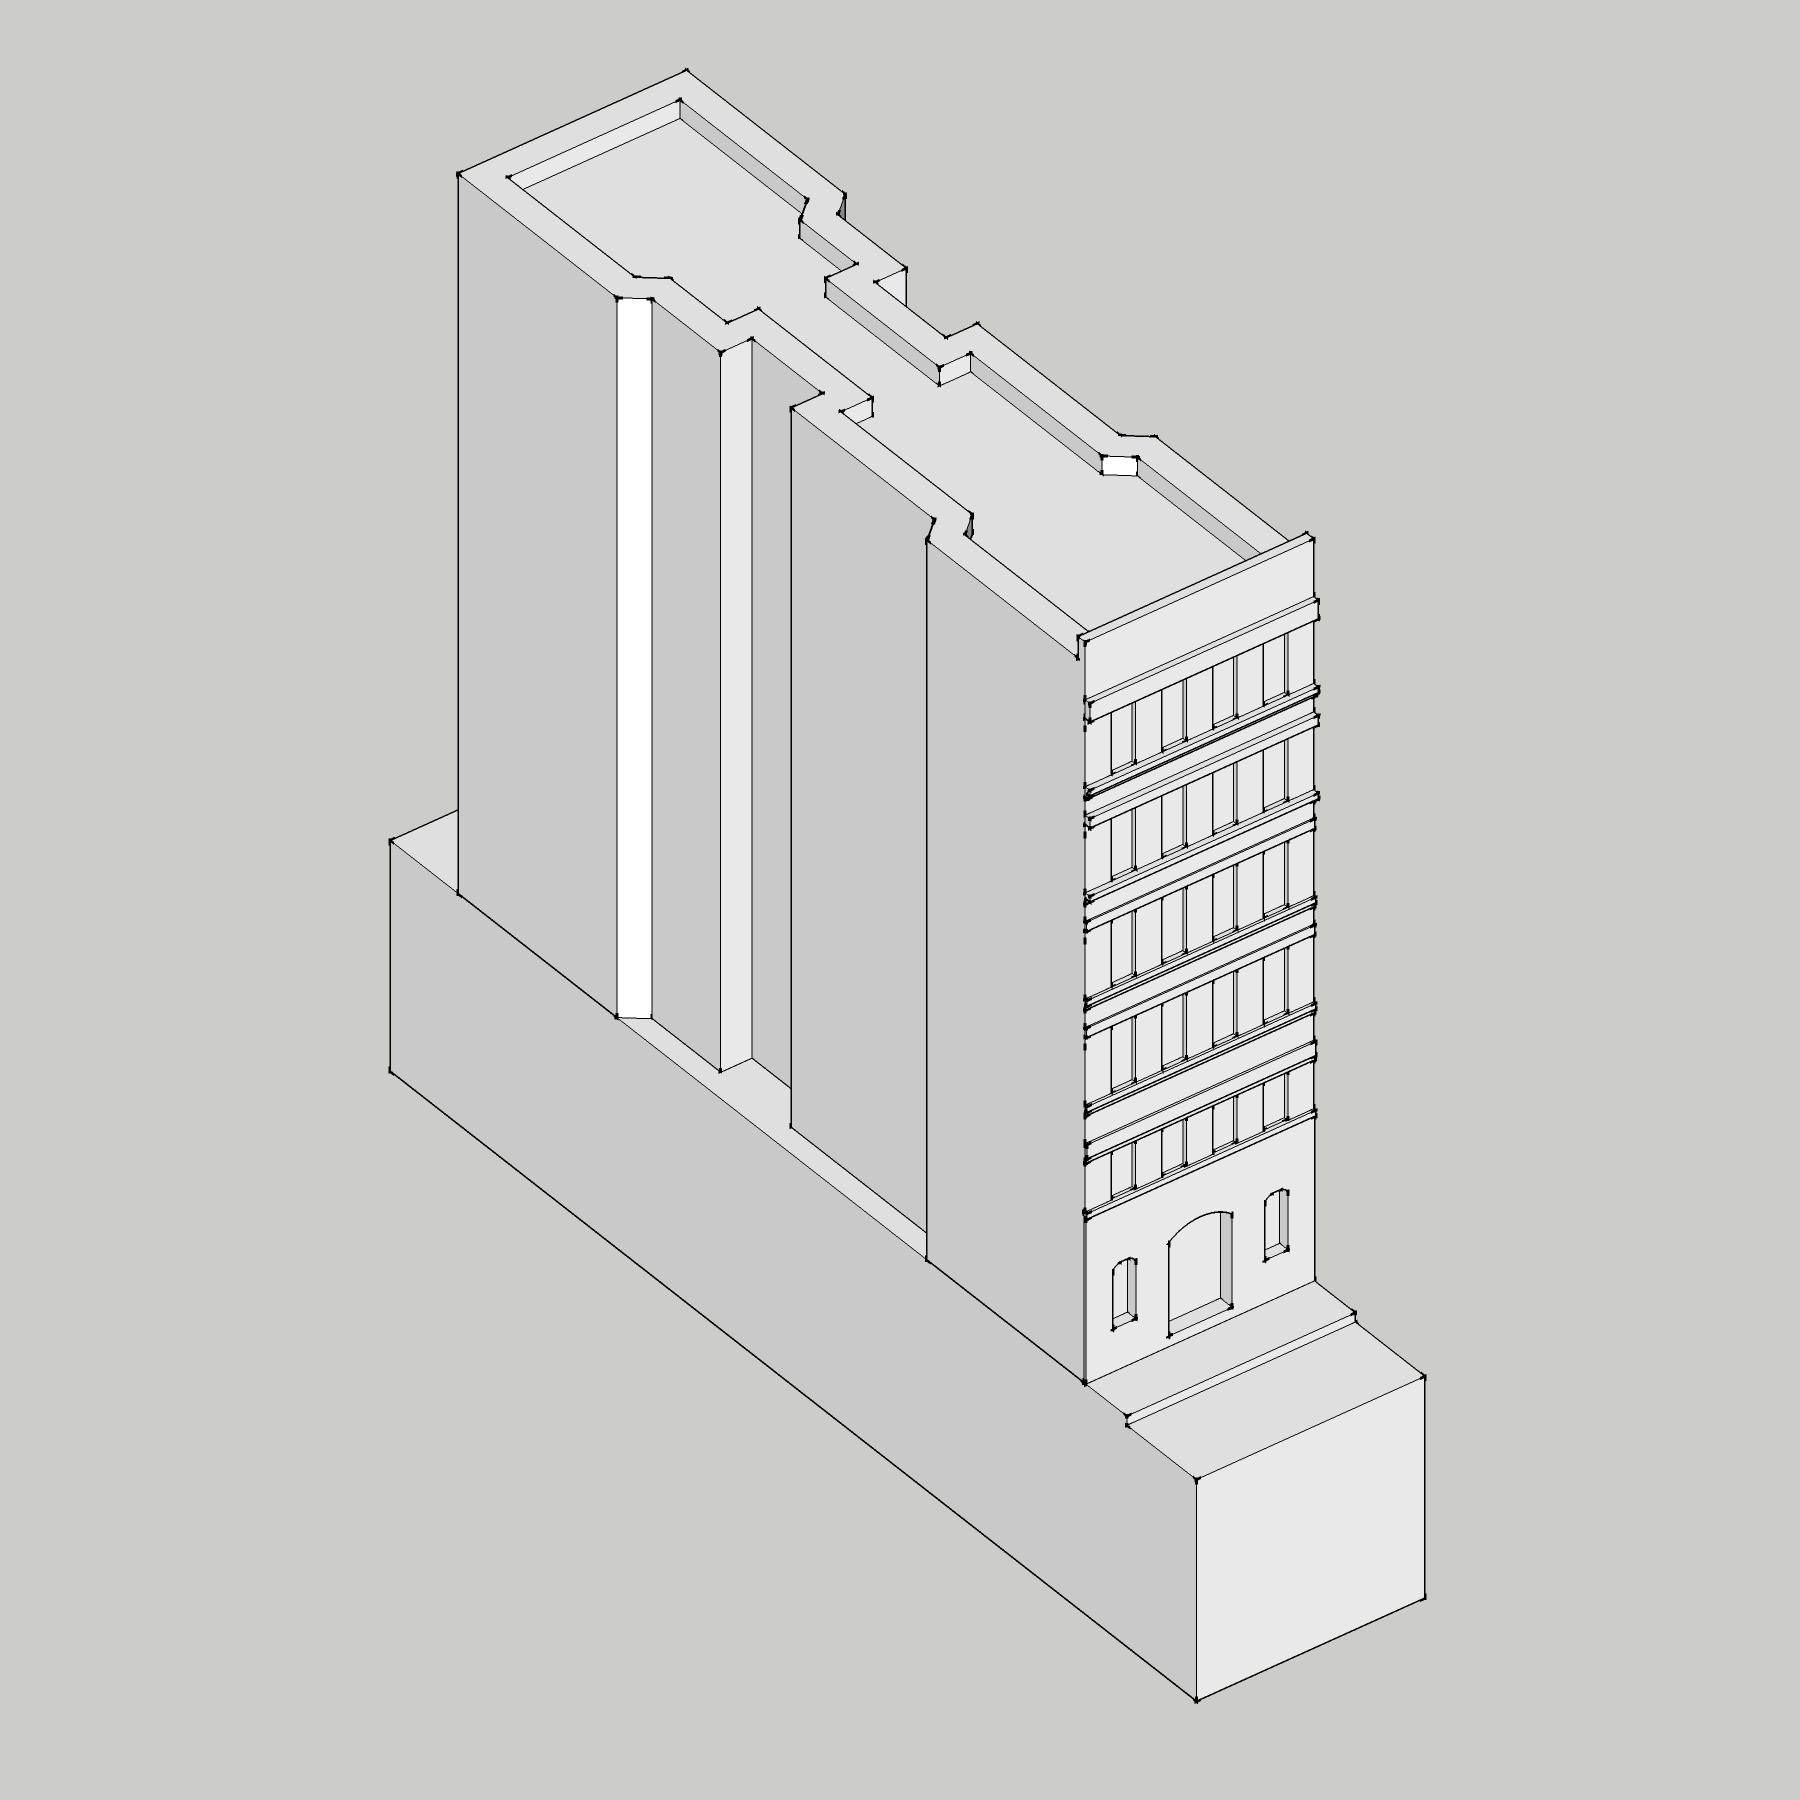 nyc_buildings2